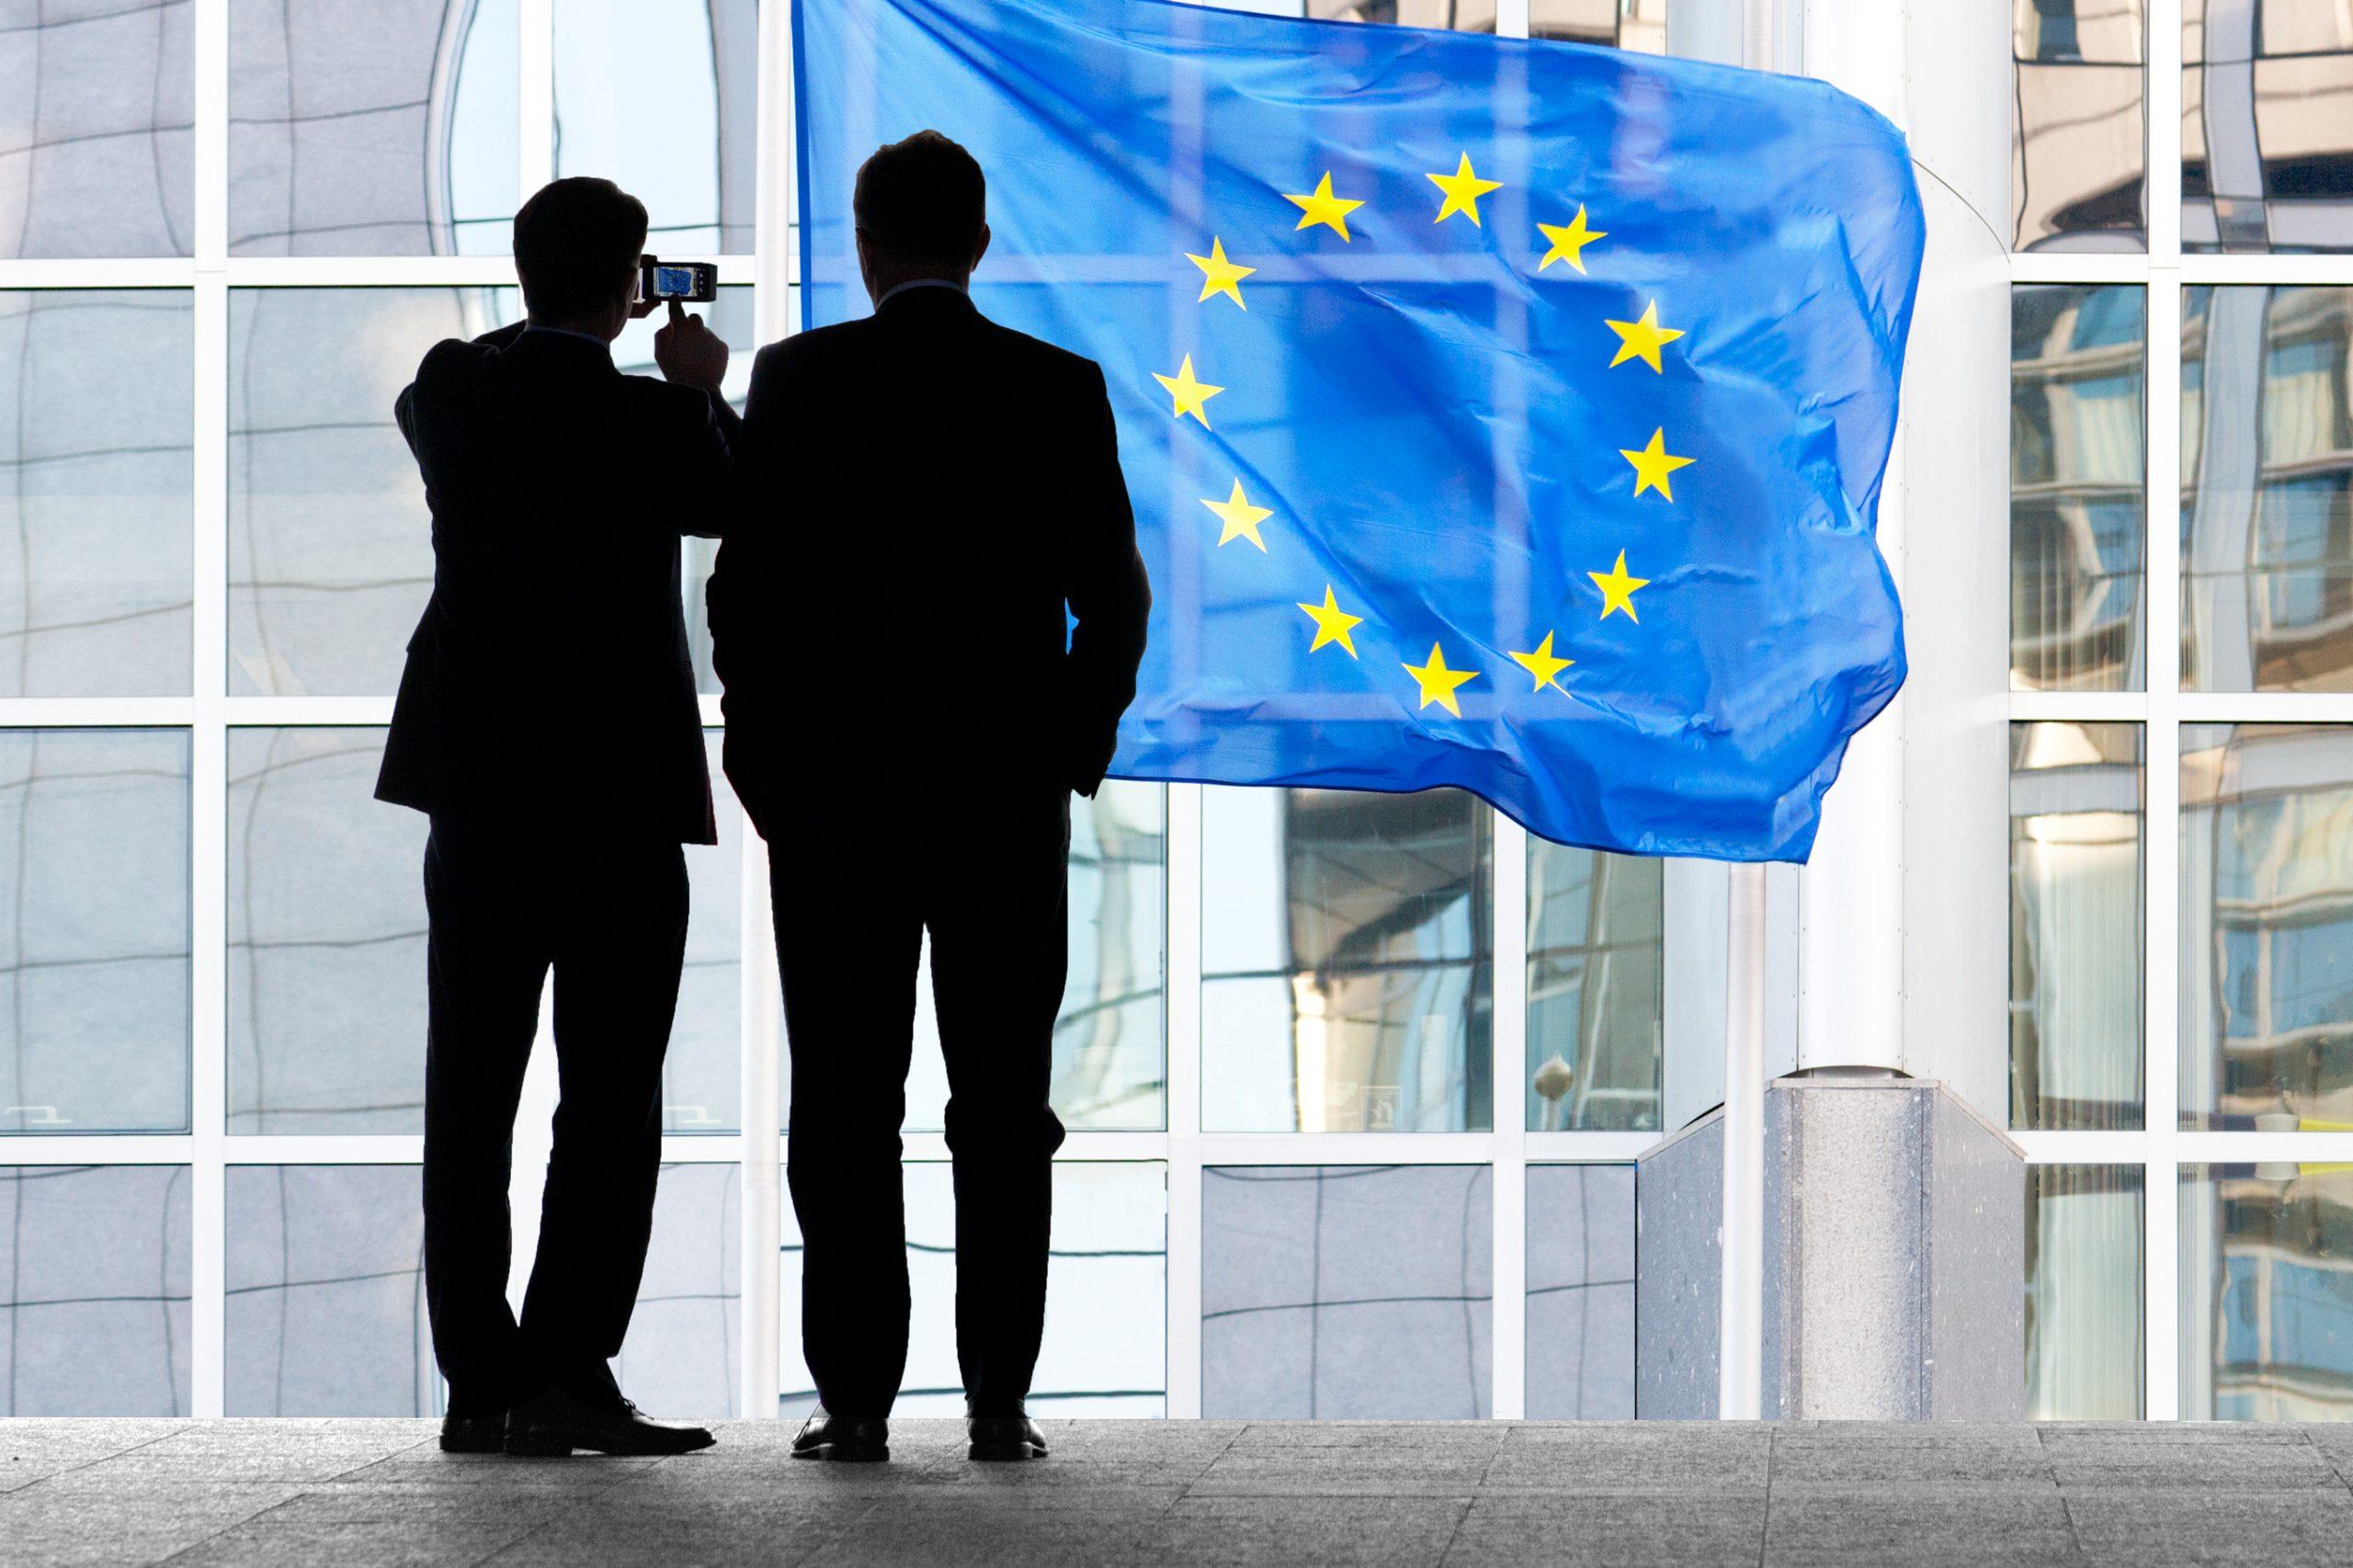 Imagen de portada de Hablamos de Europa, nuevo portal de empleo en las instituciones de la UE